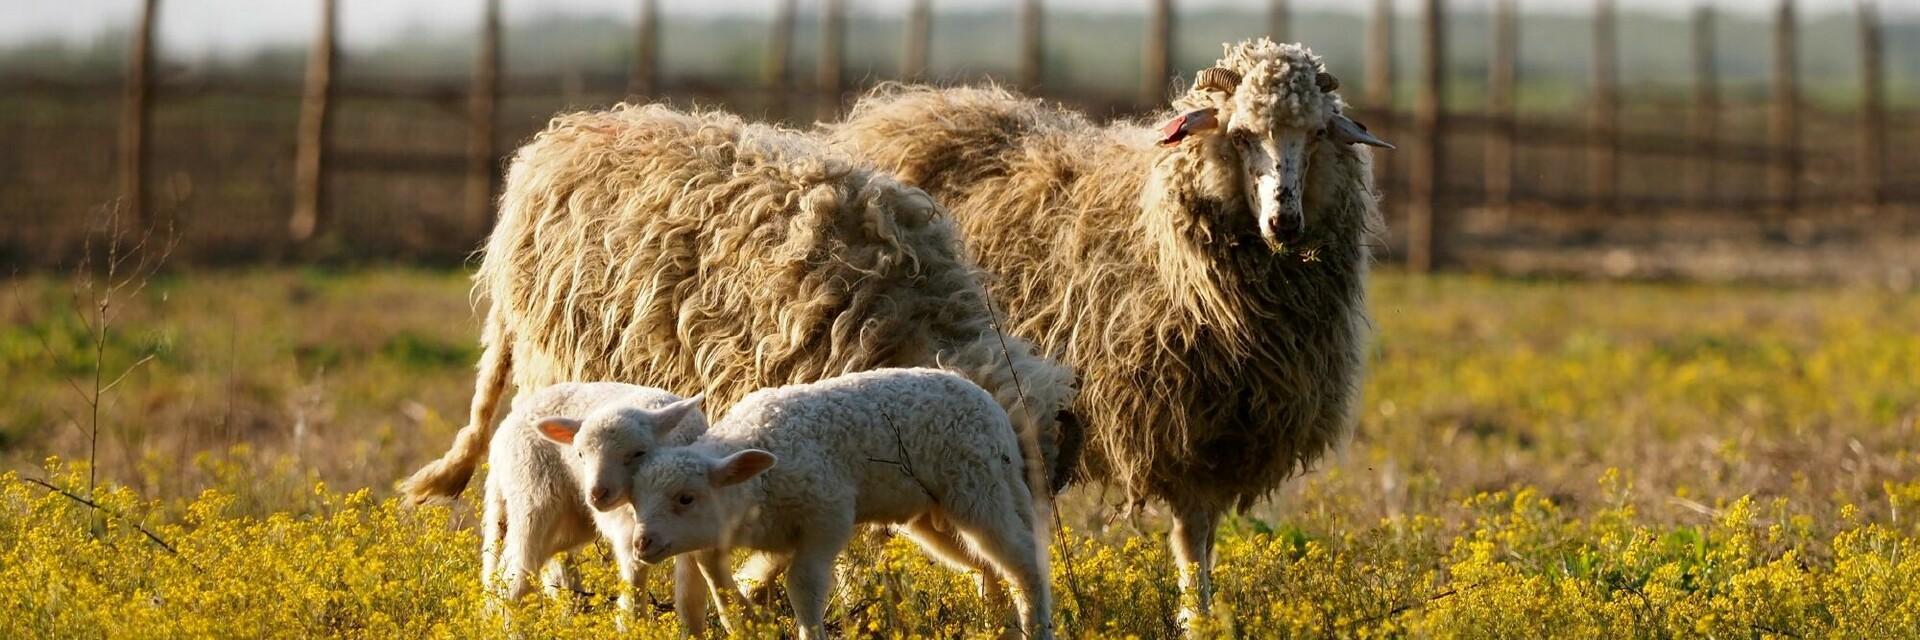 Gerettete Schafe in Rumänien